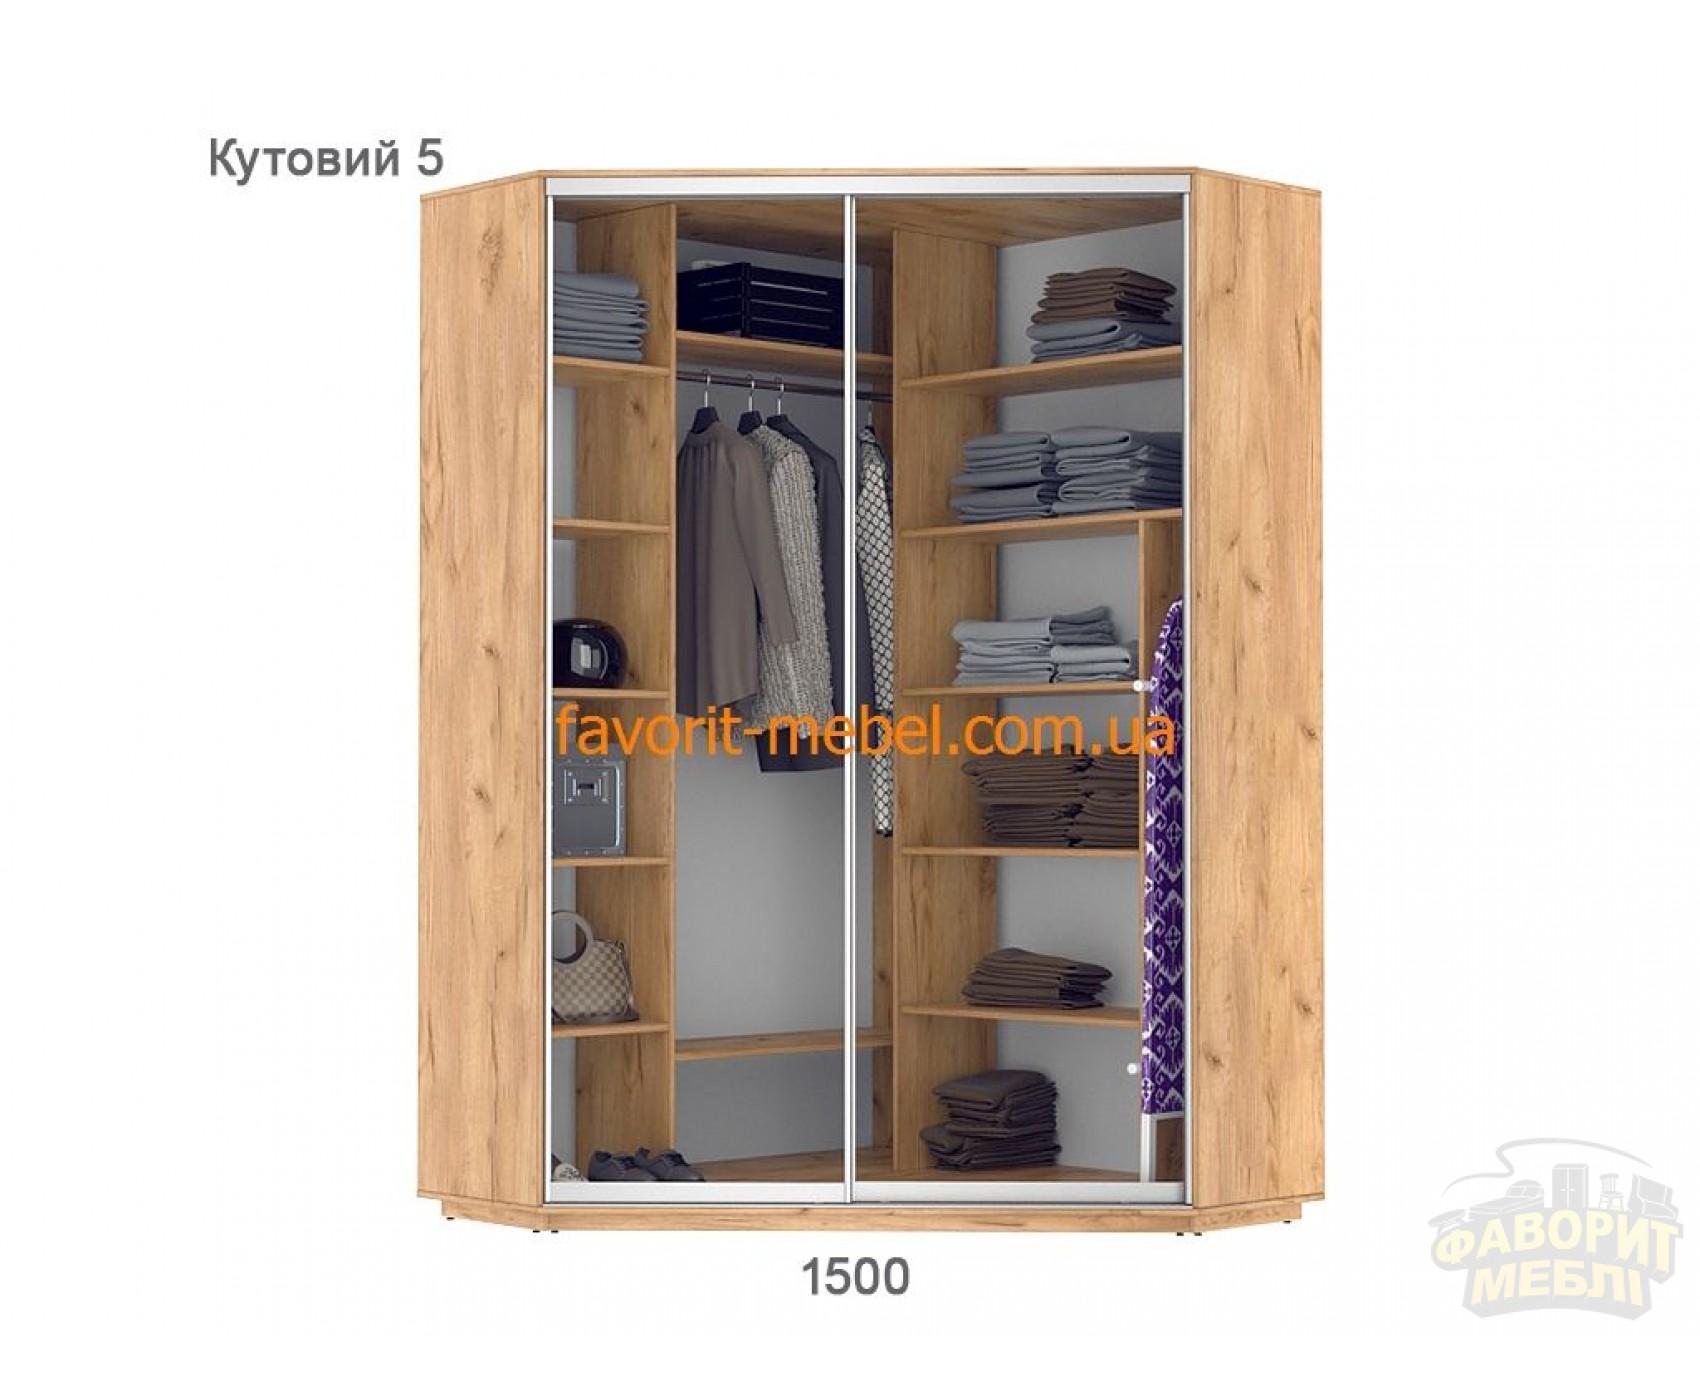 Шкаф купе Практик угловой 5 (150х150х240 см)